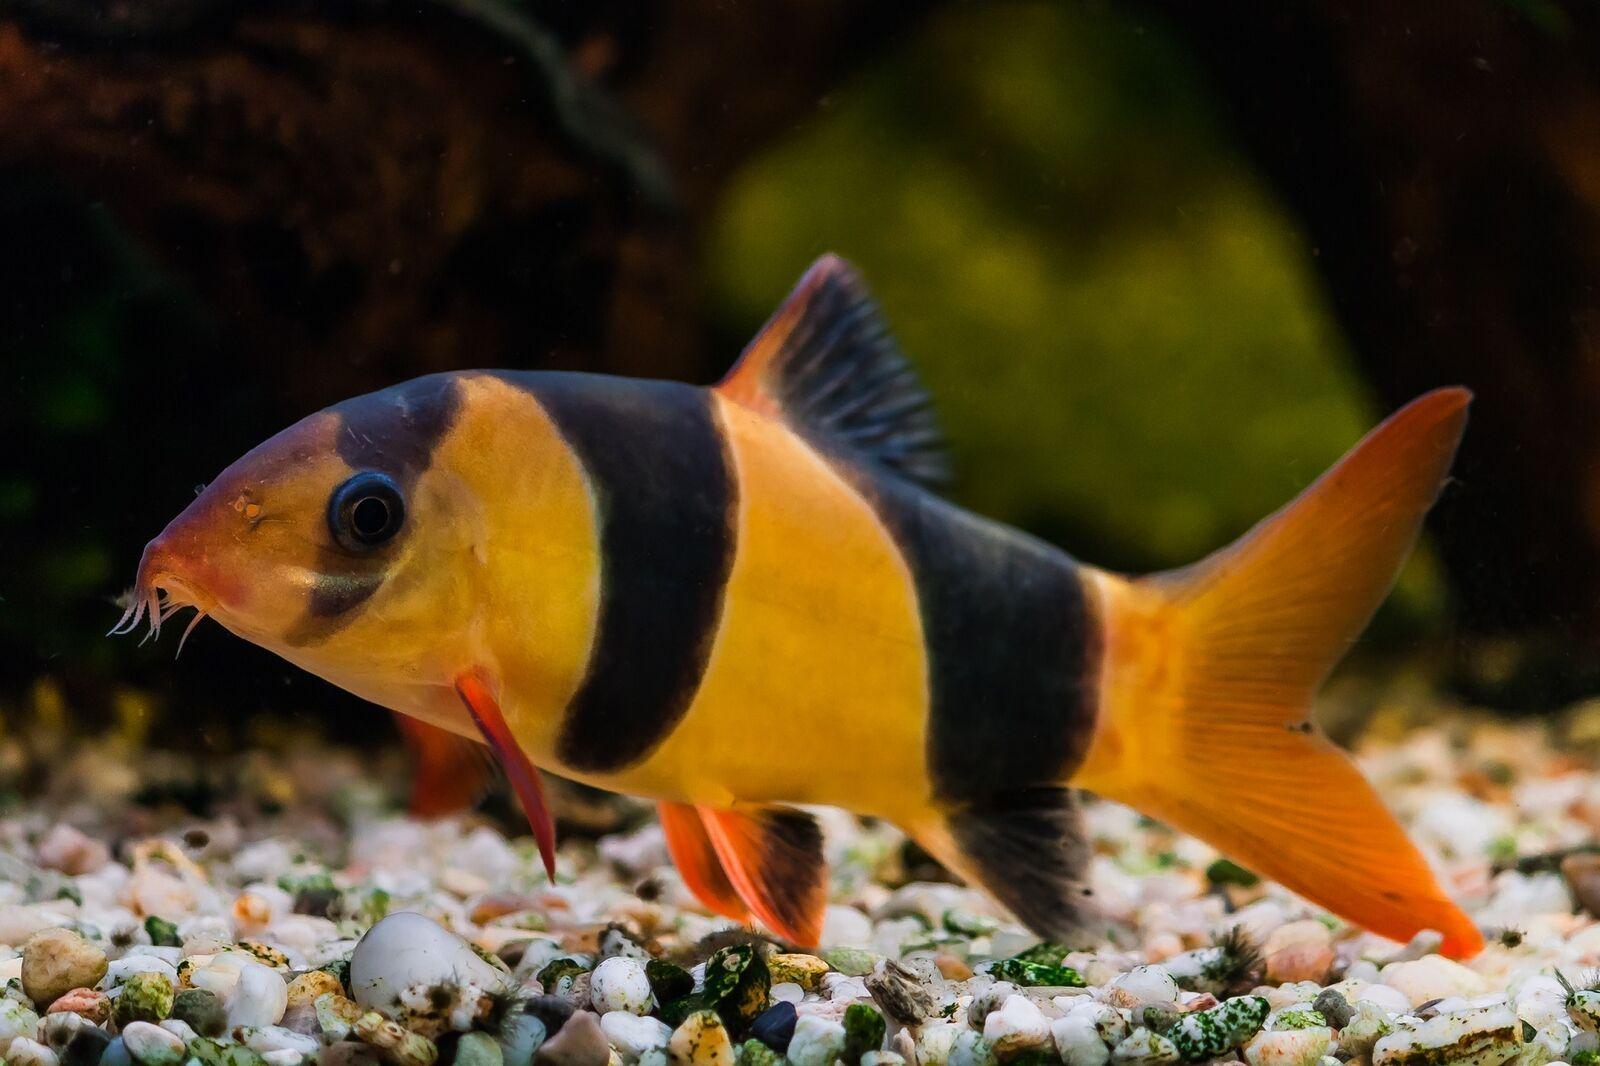 Clown Loach 2 75 3 25 Free Expedited Shipping Clown Loach Aquarium Fish Betta Fish